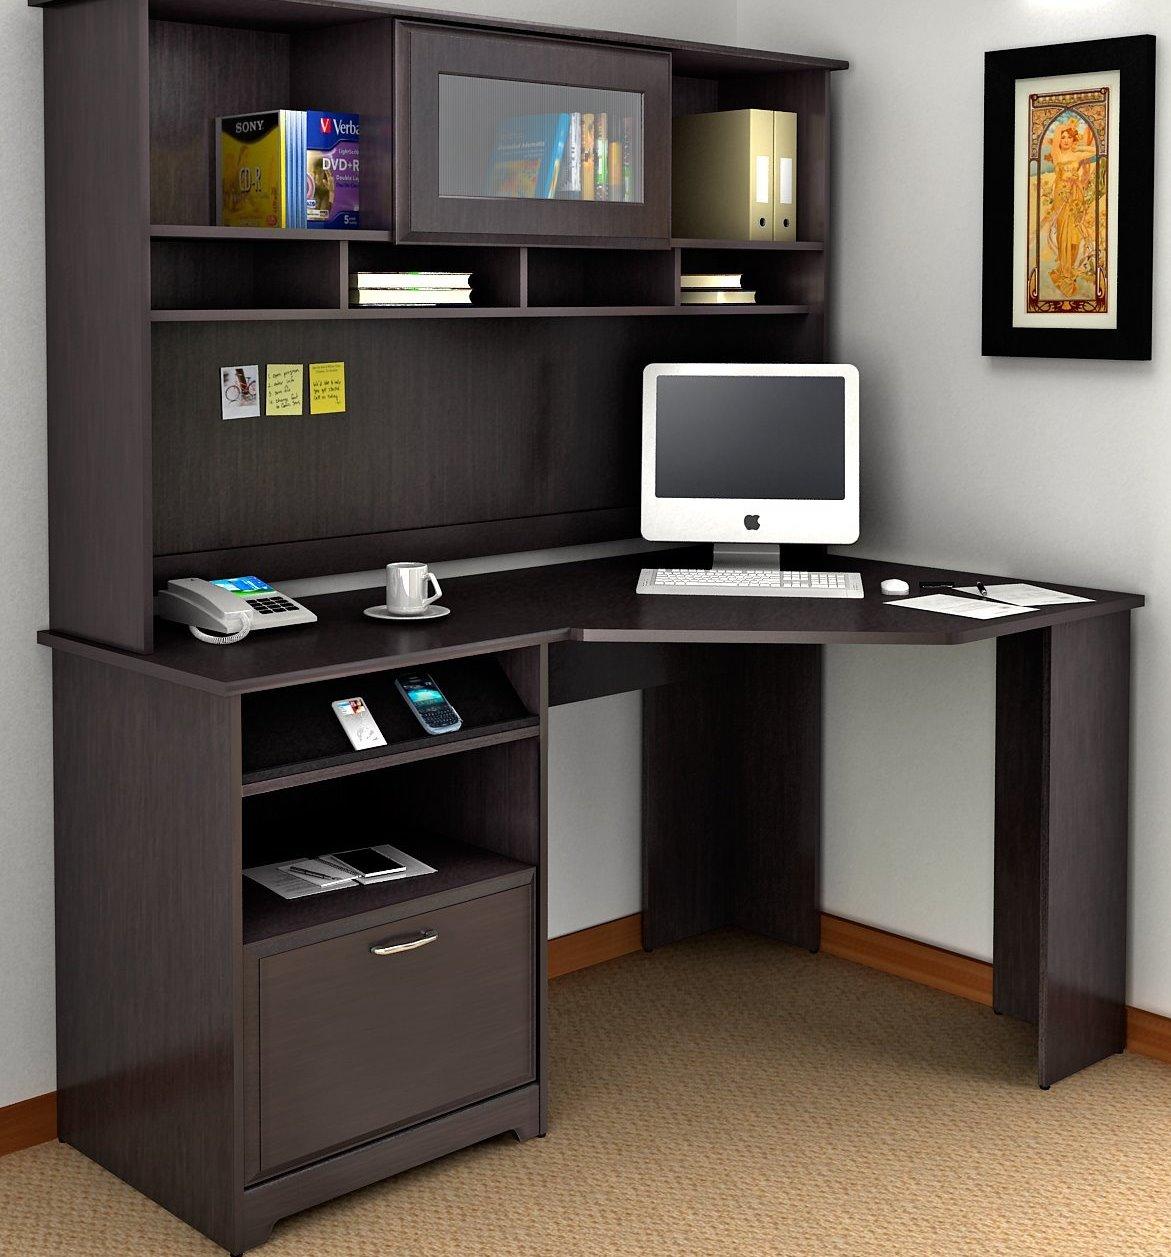 Письменный стол со стеллажом: дизайн конструкции-перегородки.